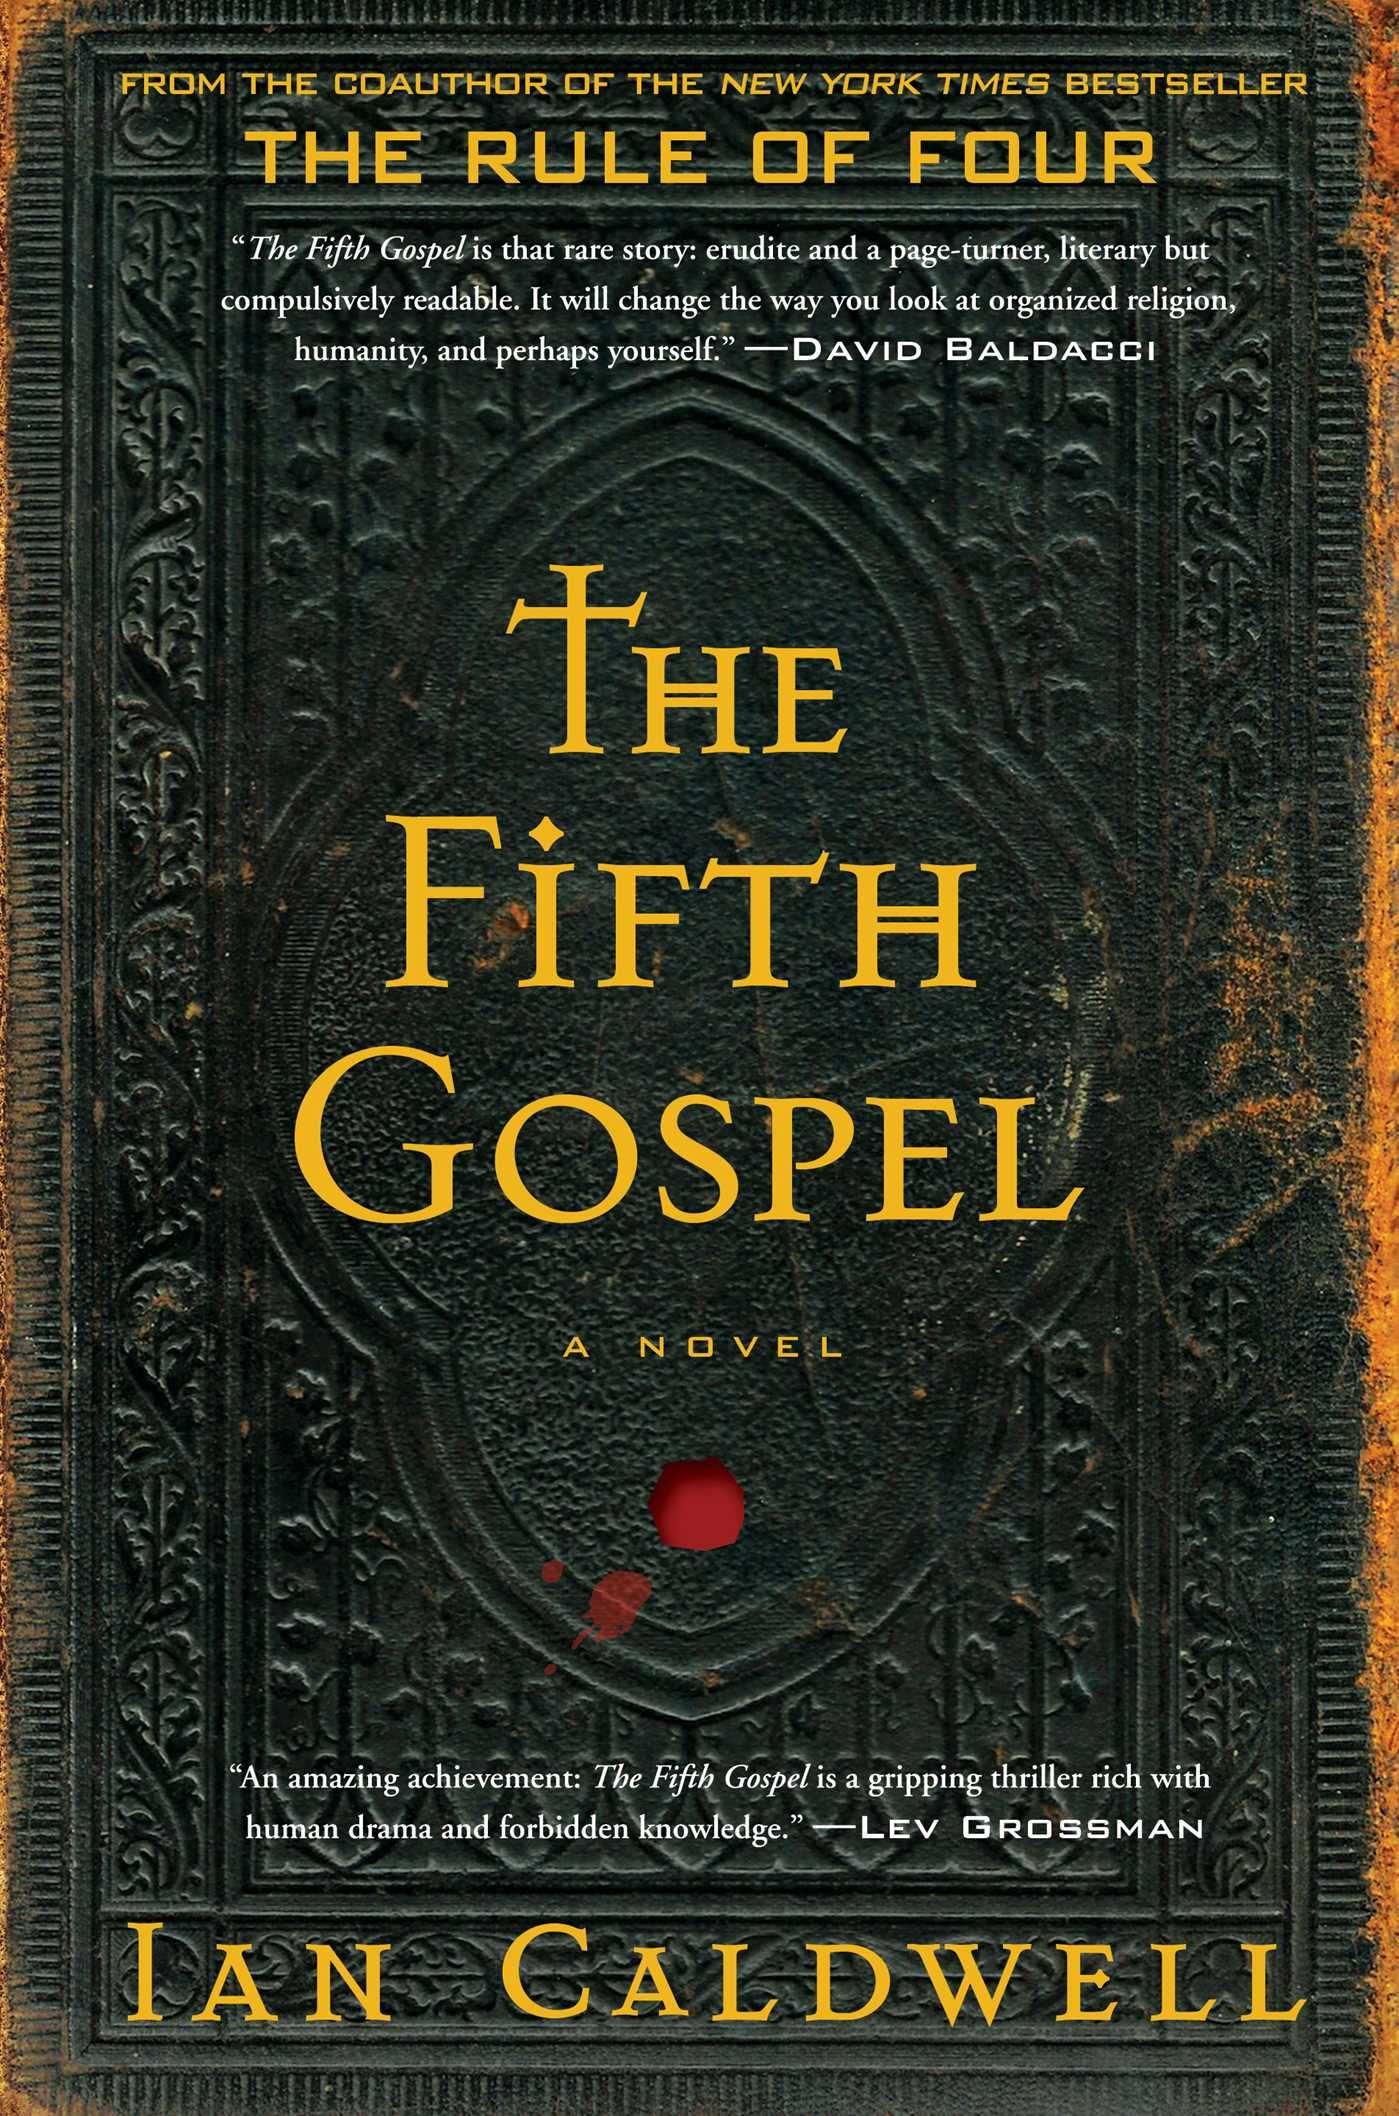 The Fifth Gospel: A Novel - Ian Caldwell